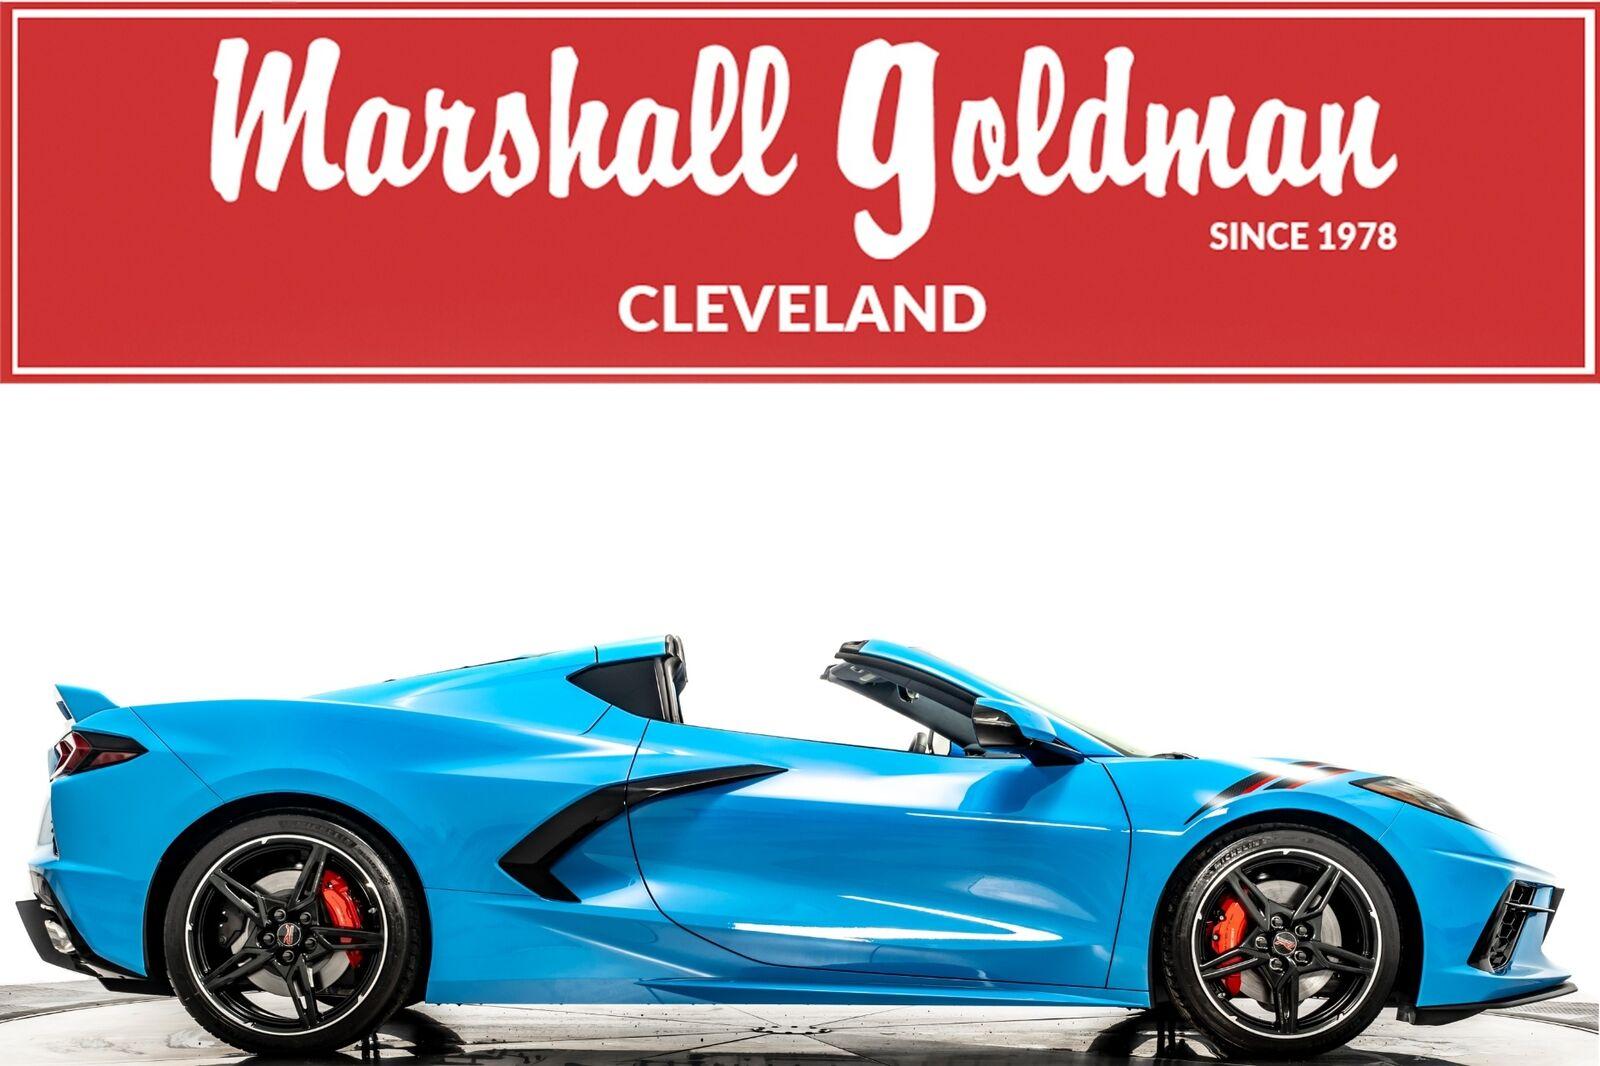 2021 Blue Chevrolet Corvette  3LT   C7 Corvette Photo 1